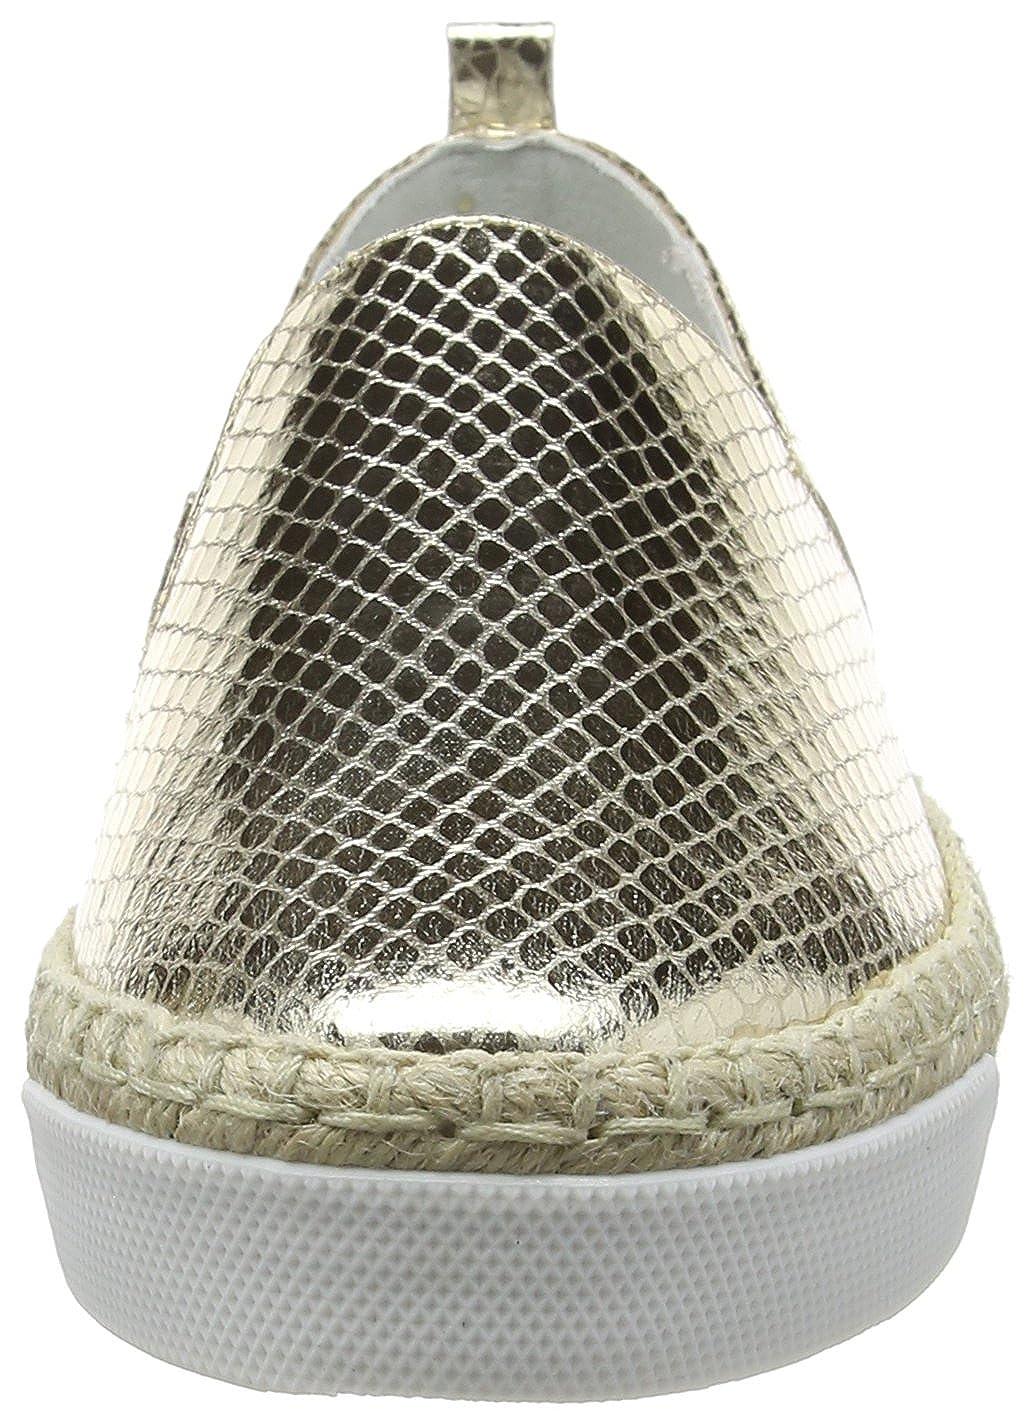 Gentiluomo   Signora Signora Signora Cafènero - Em, Pantofole Donna Design affascinante Primo posto nella sua classe Logistica estrema velocità | Resistenza Forte Da Calore E Resistente  af08dd